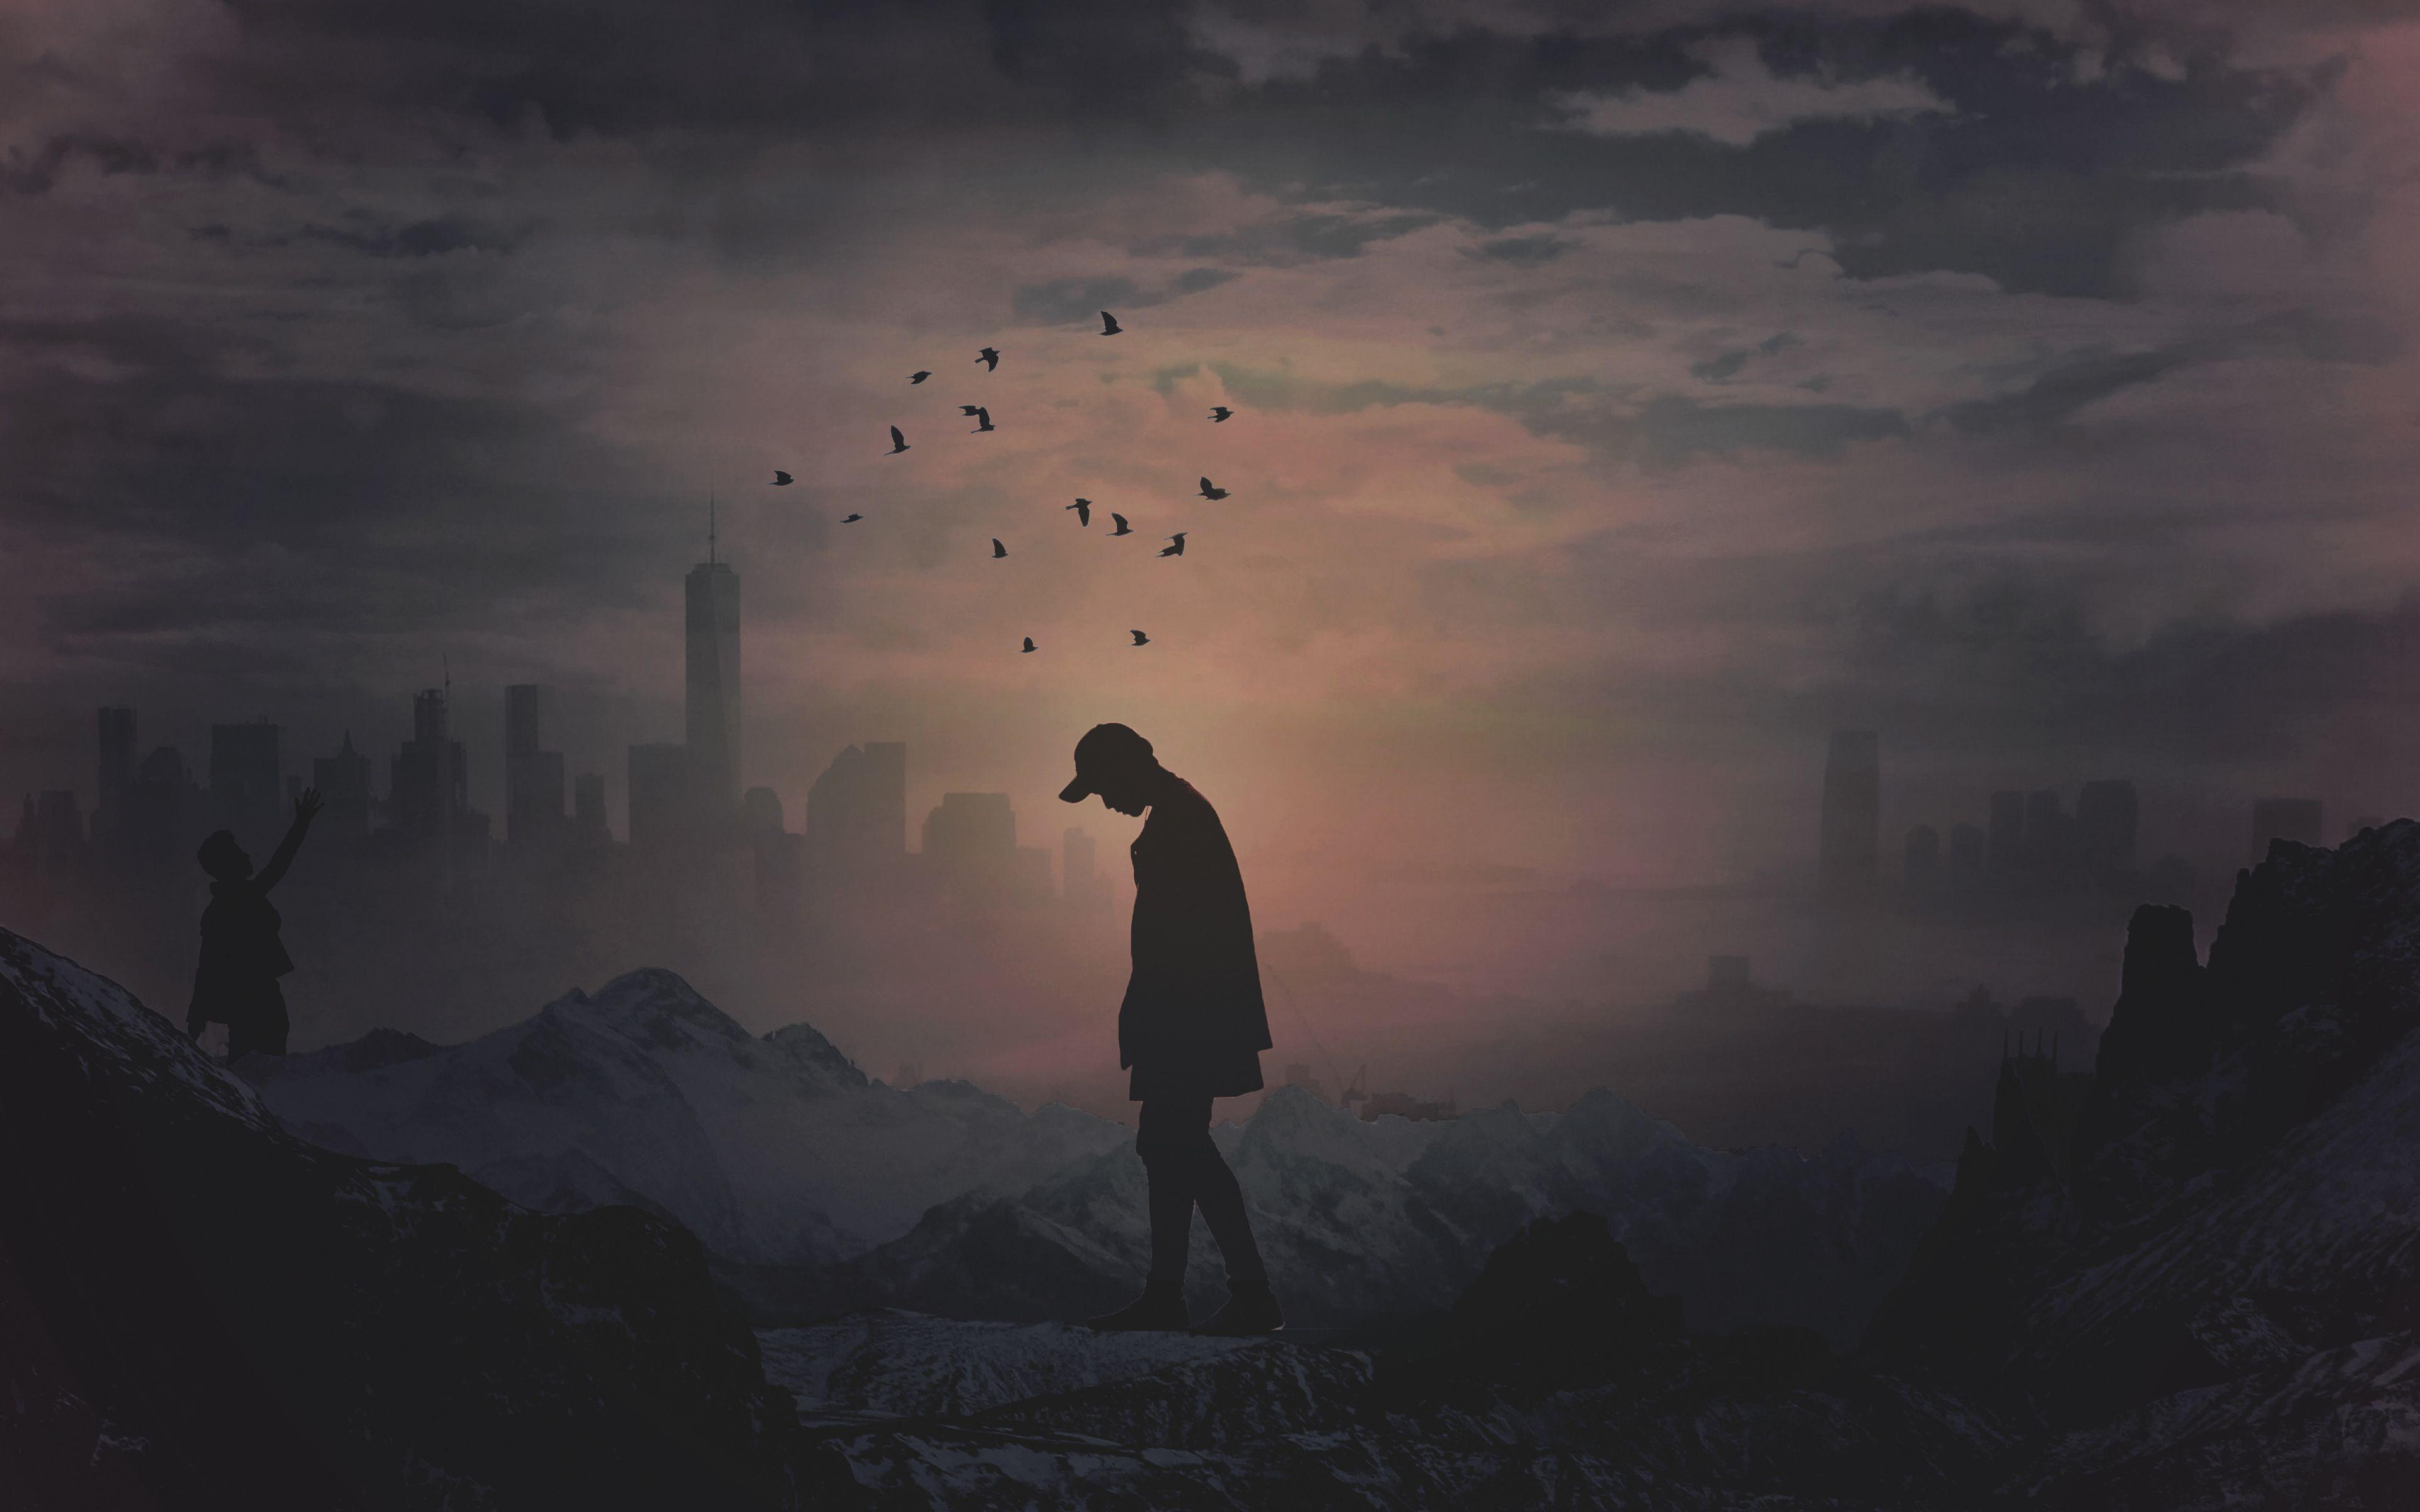 Alone_Silhouette_4k [3840 x 2400] in 2020 Cool desktop